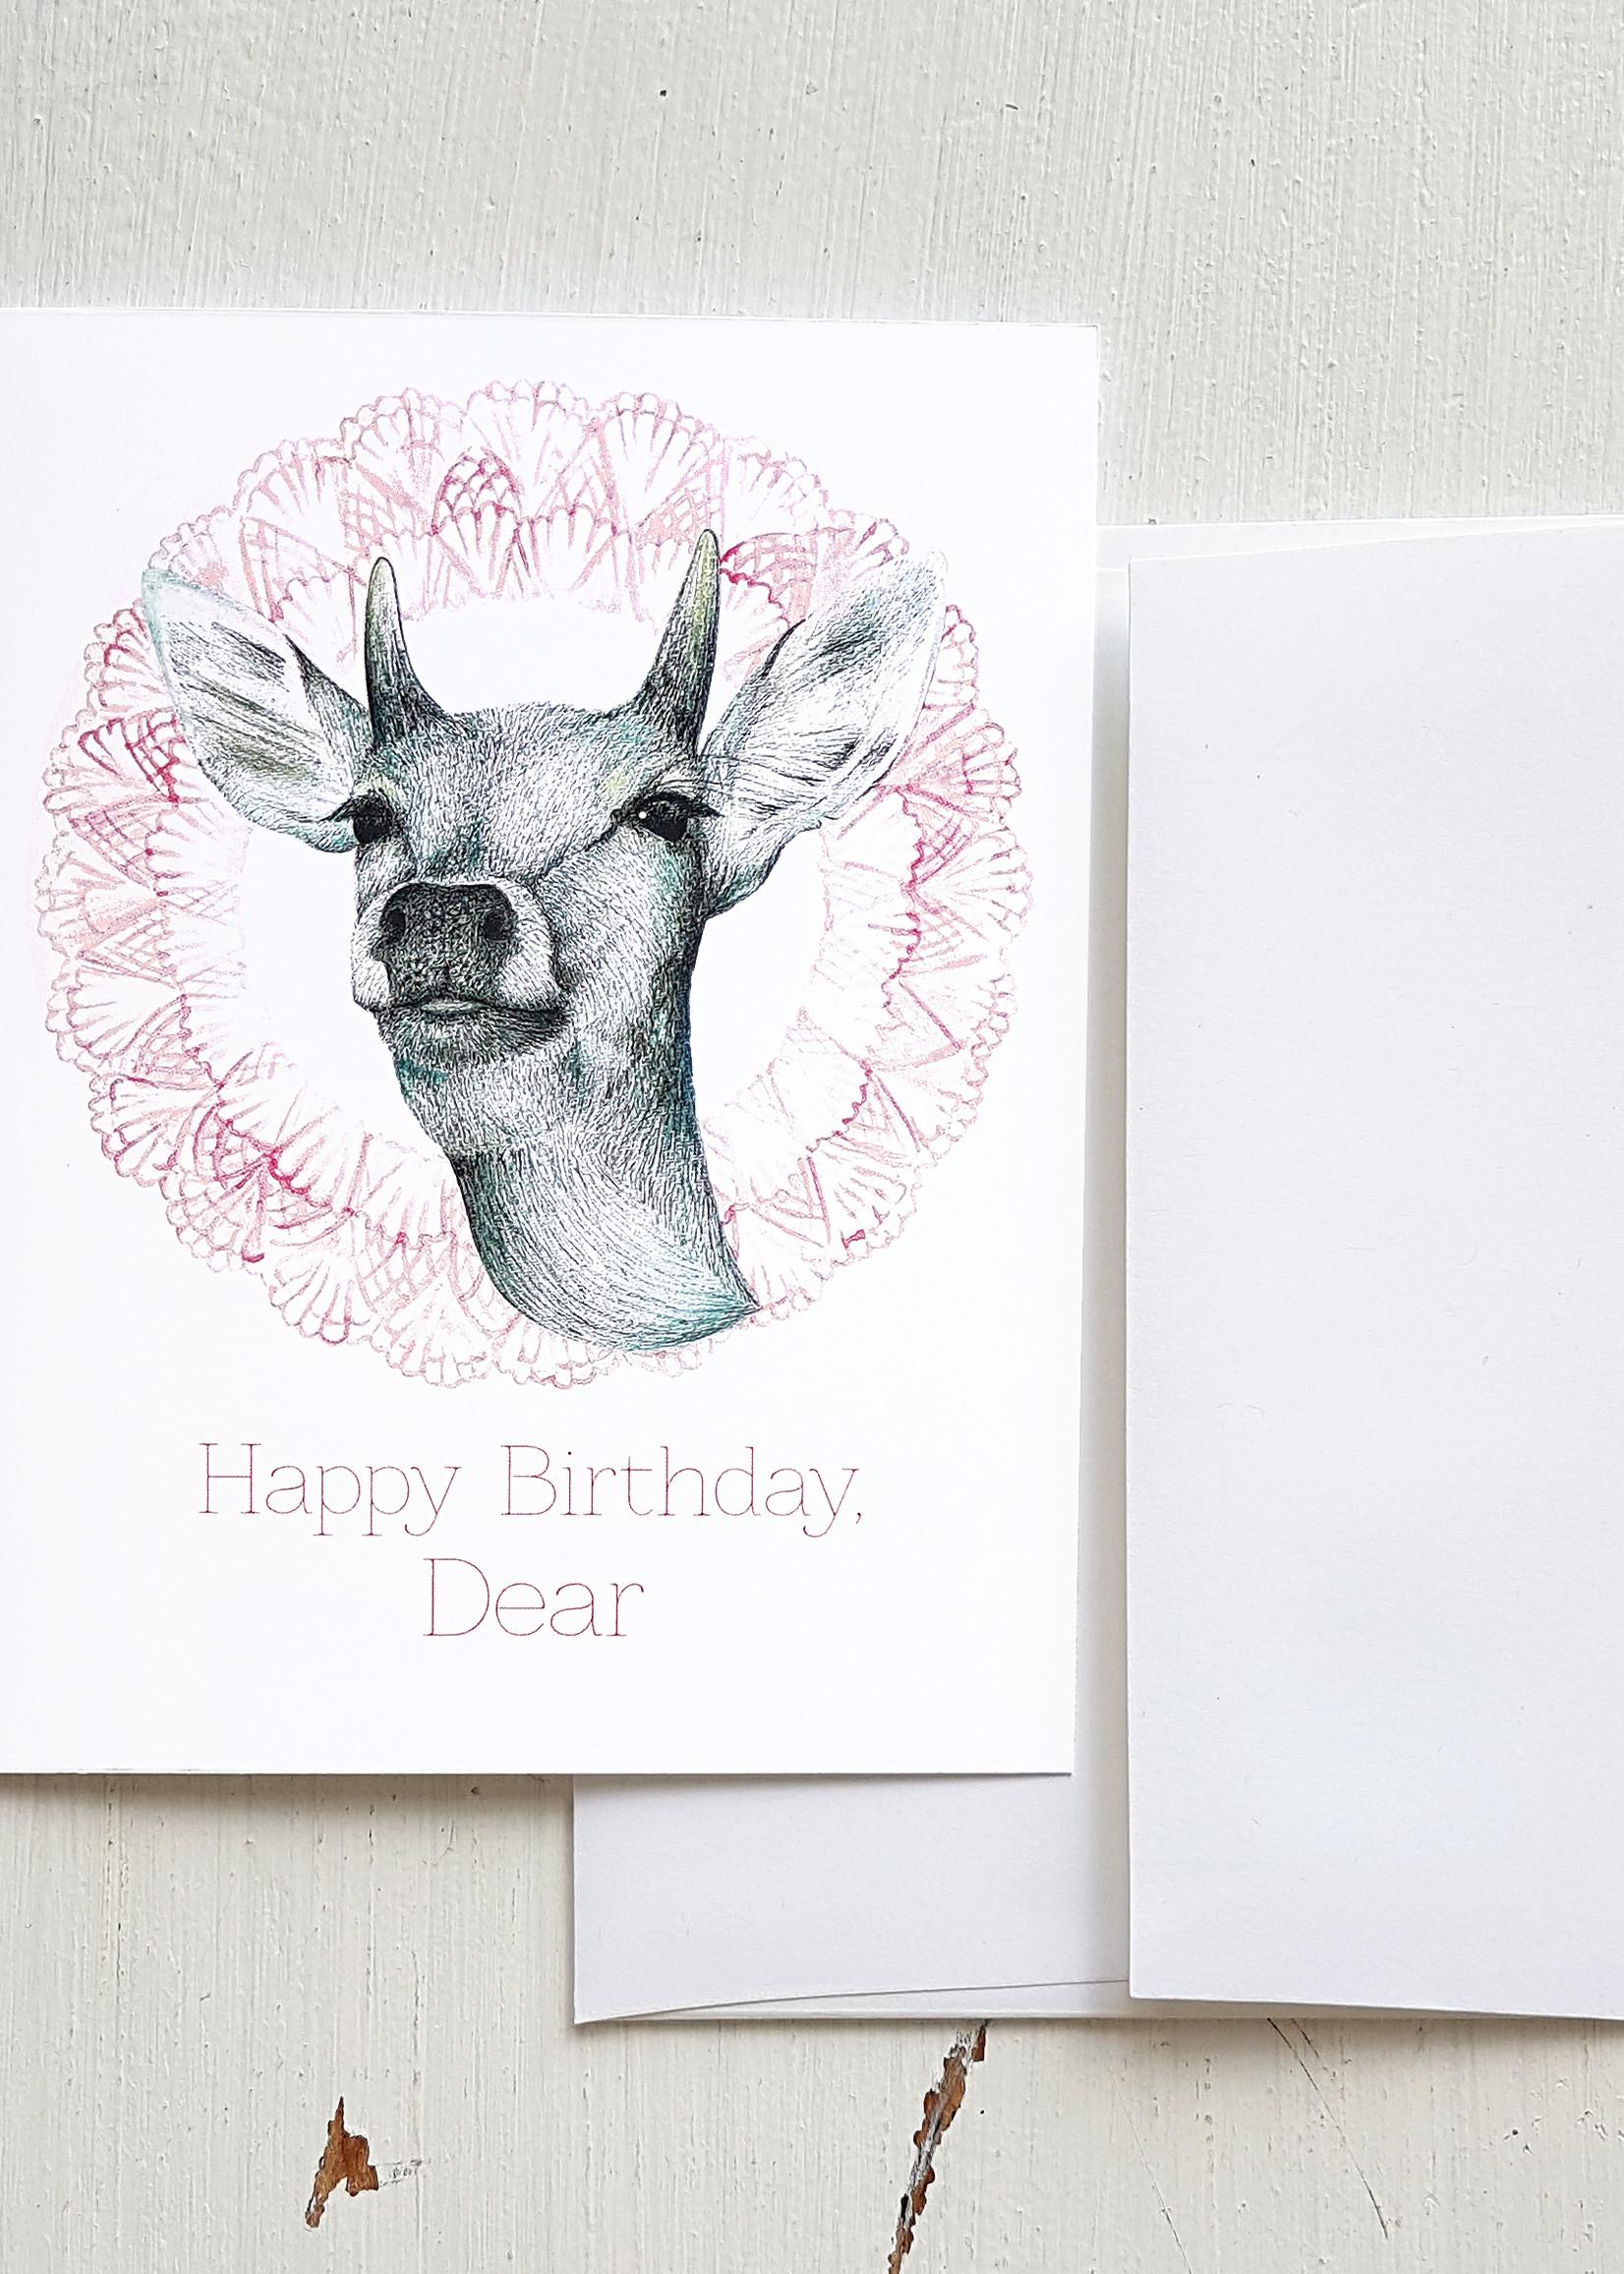 Hello Yellow Canary - Happy Birthday Dear Small Card